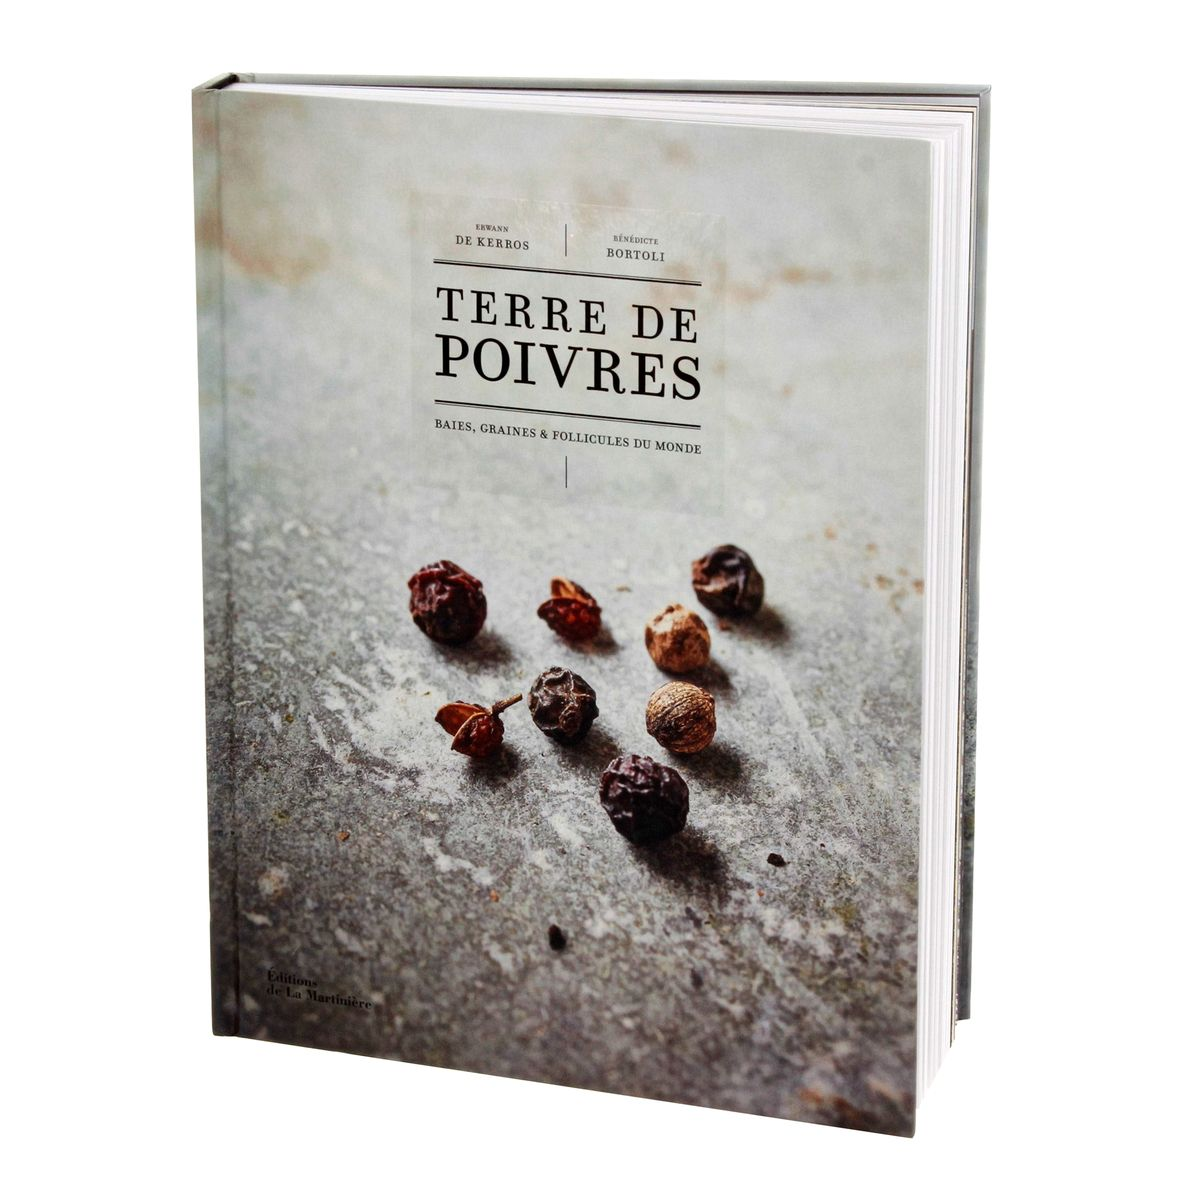 Terre de poivres - La Martiniere